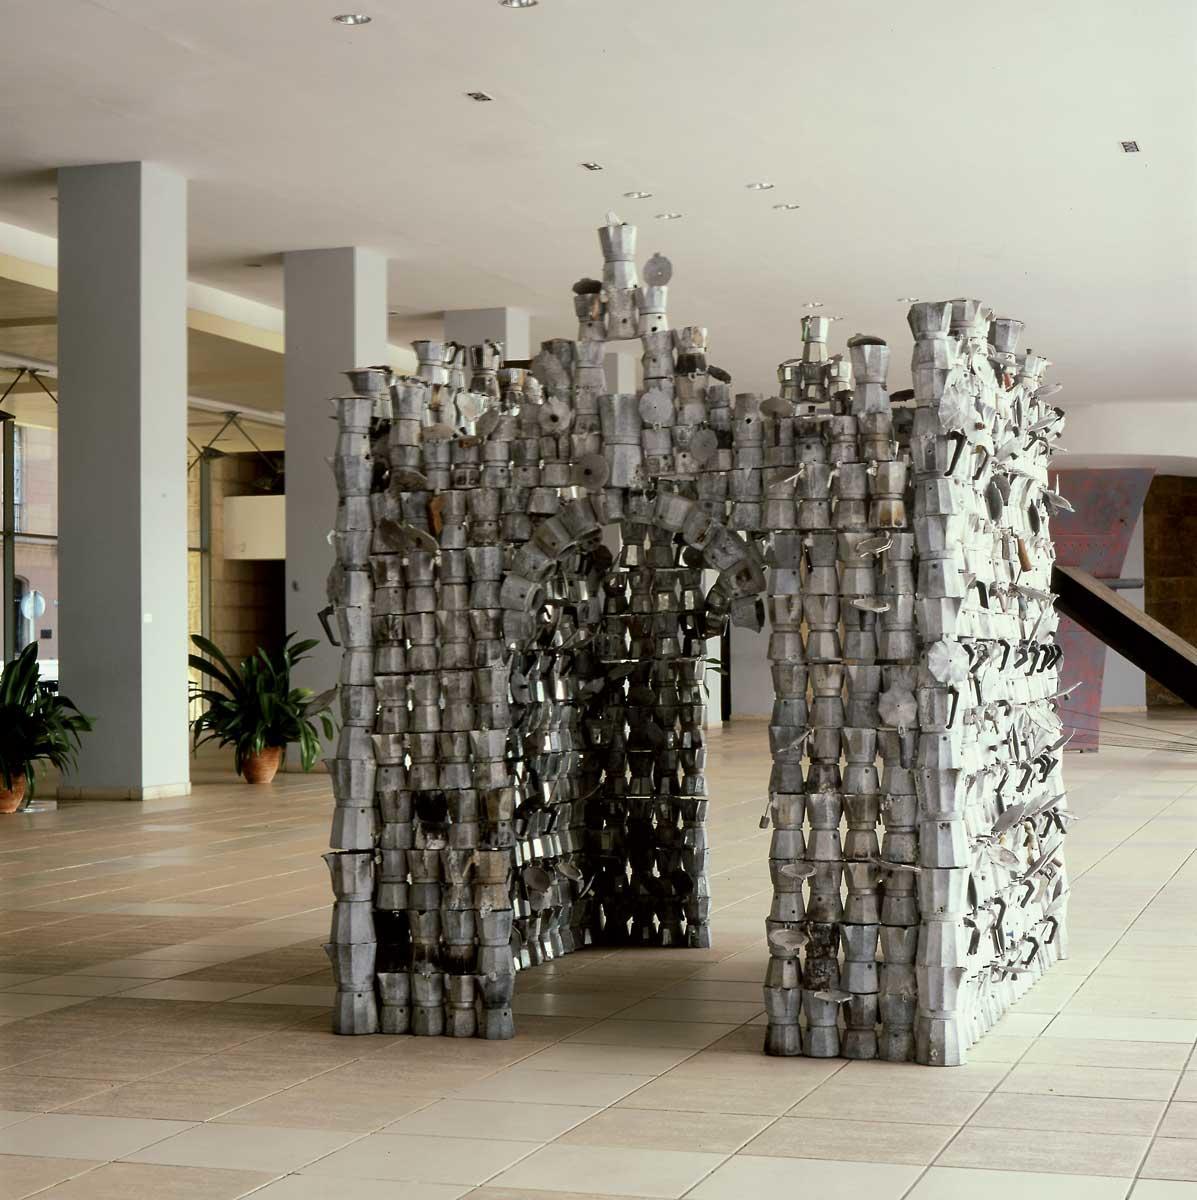 Roberto Fabelo. Cafedral. 2002-2003. Cafeteras de aluminio y espejos. 220 x 200 x 200 cm. Col. Museo Nacional de Bellas Artes, La Habana.